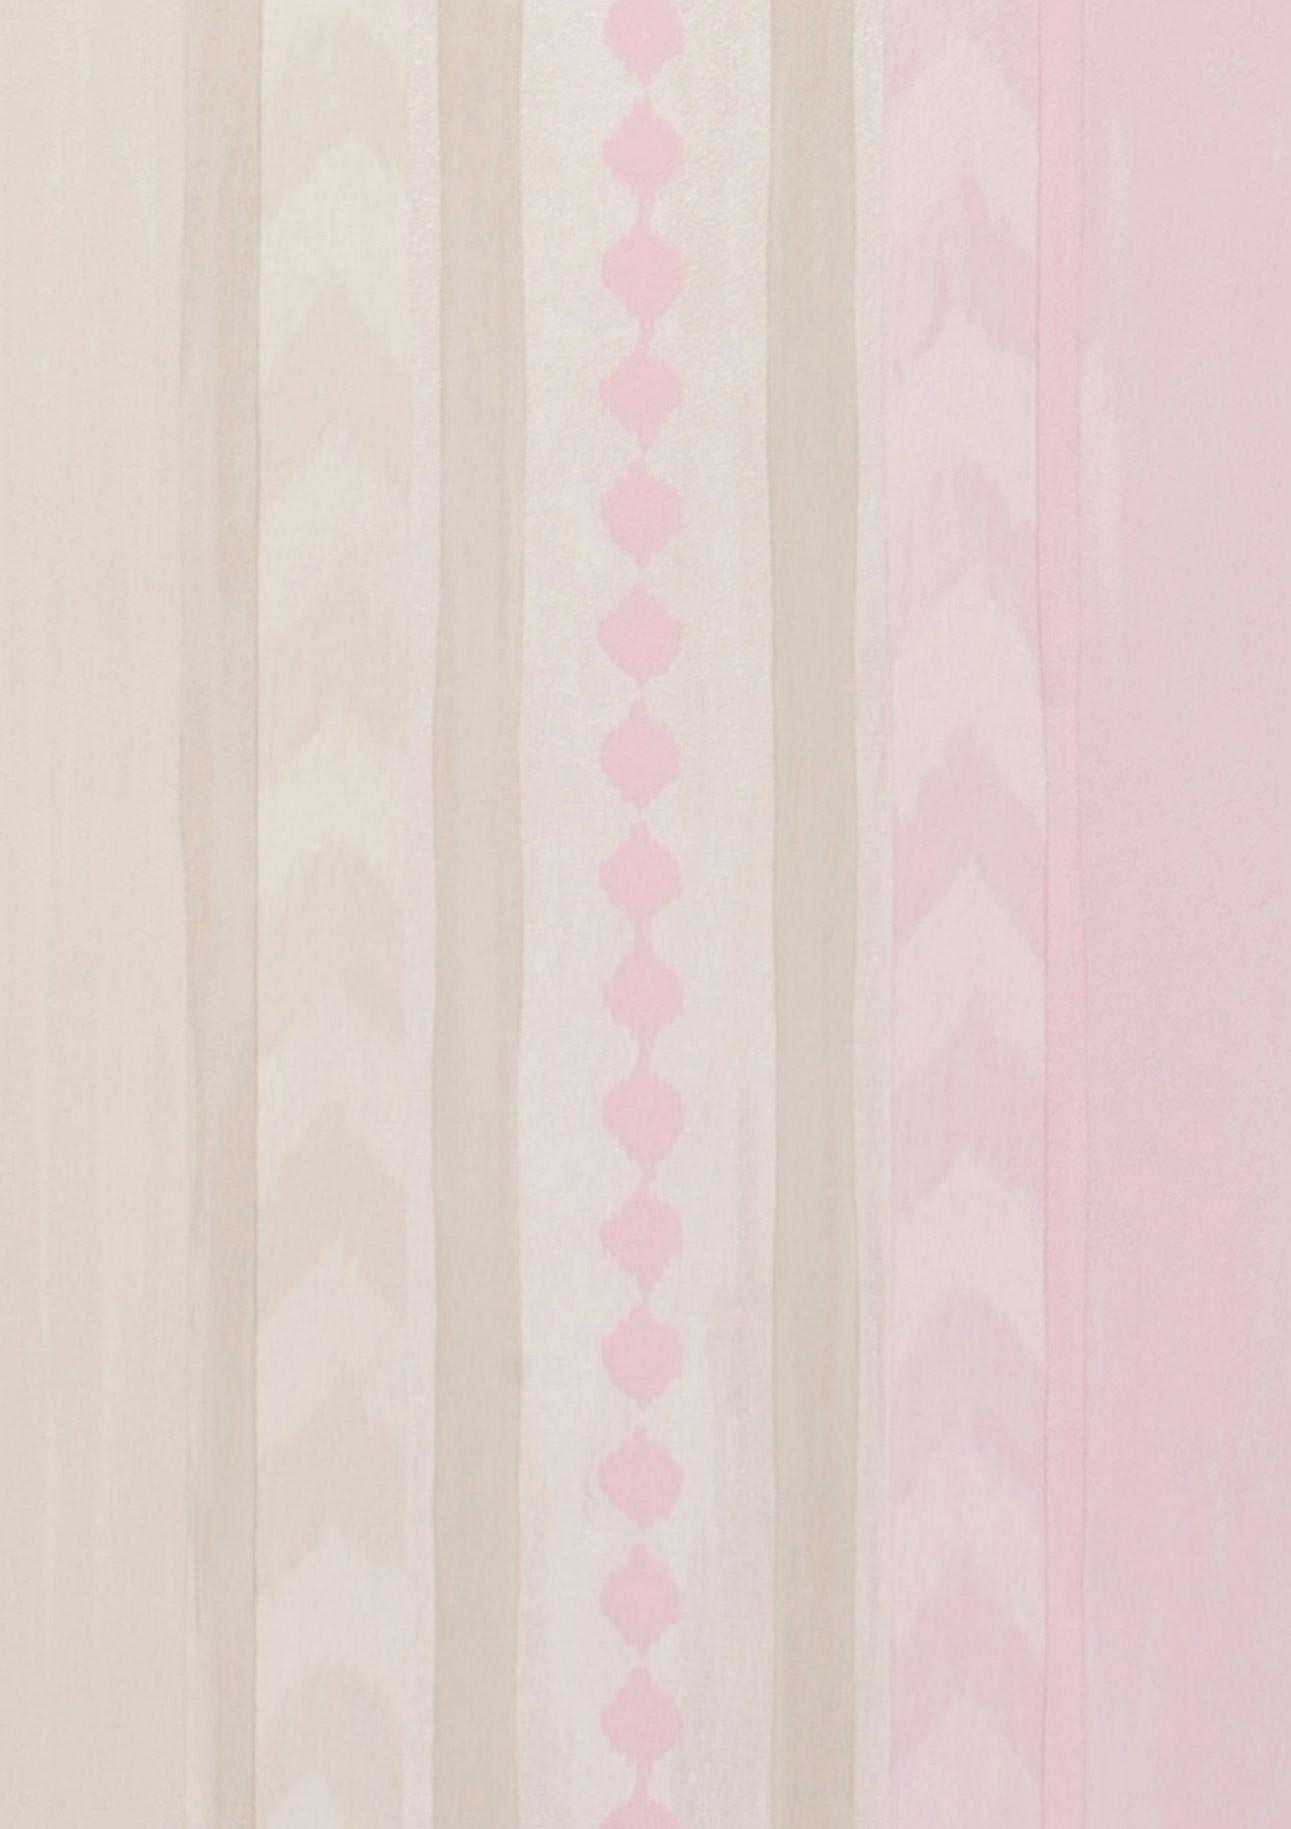 Wallpaper kiwol cream shimmer grey white light pink for Grey and cream wallpaper